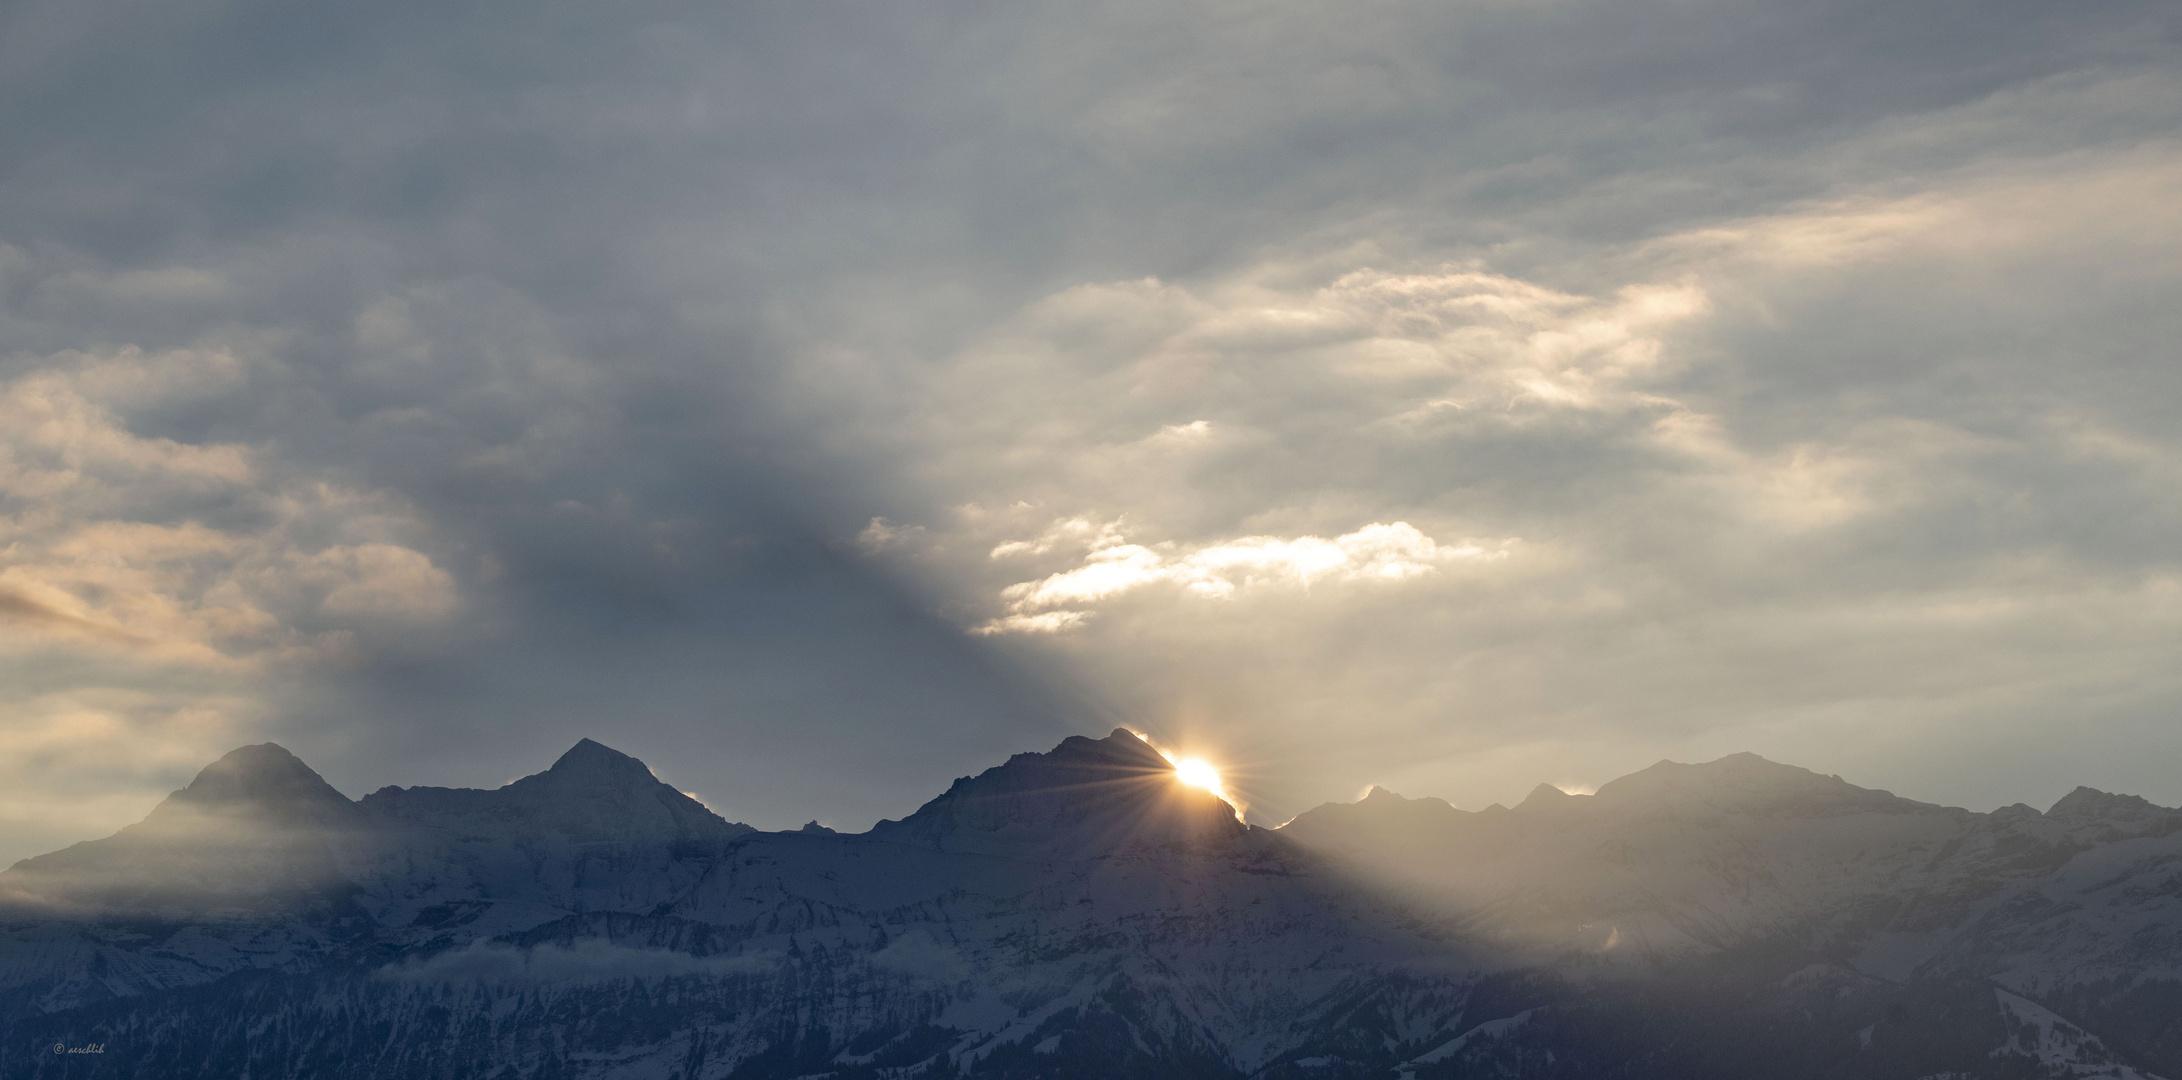 Morgengruß Bild